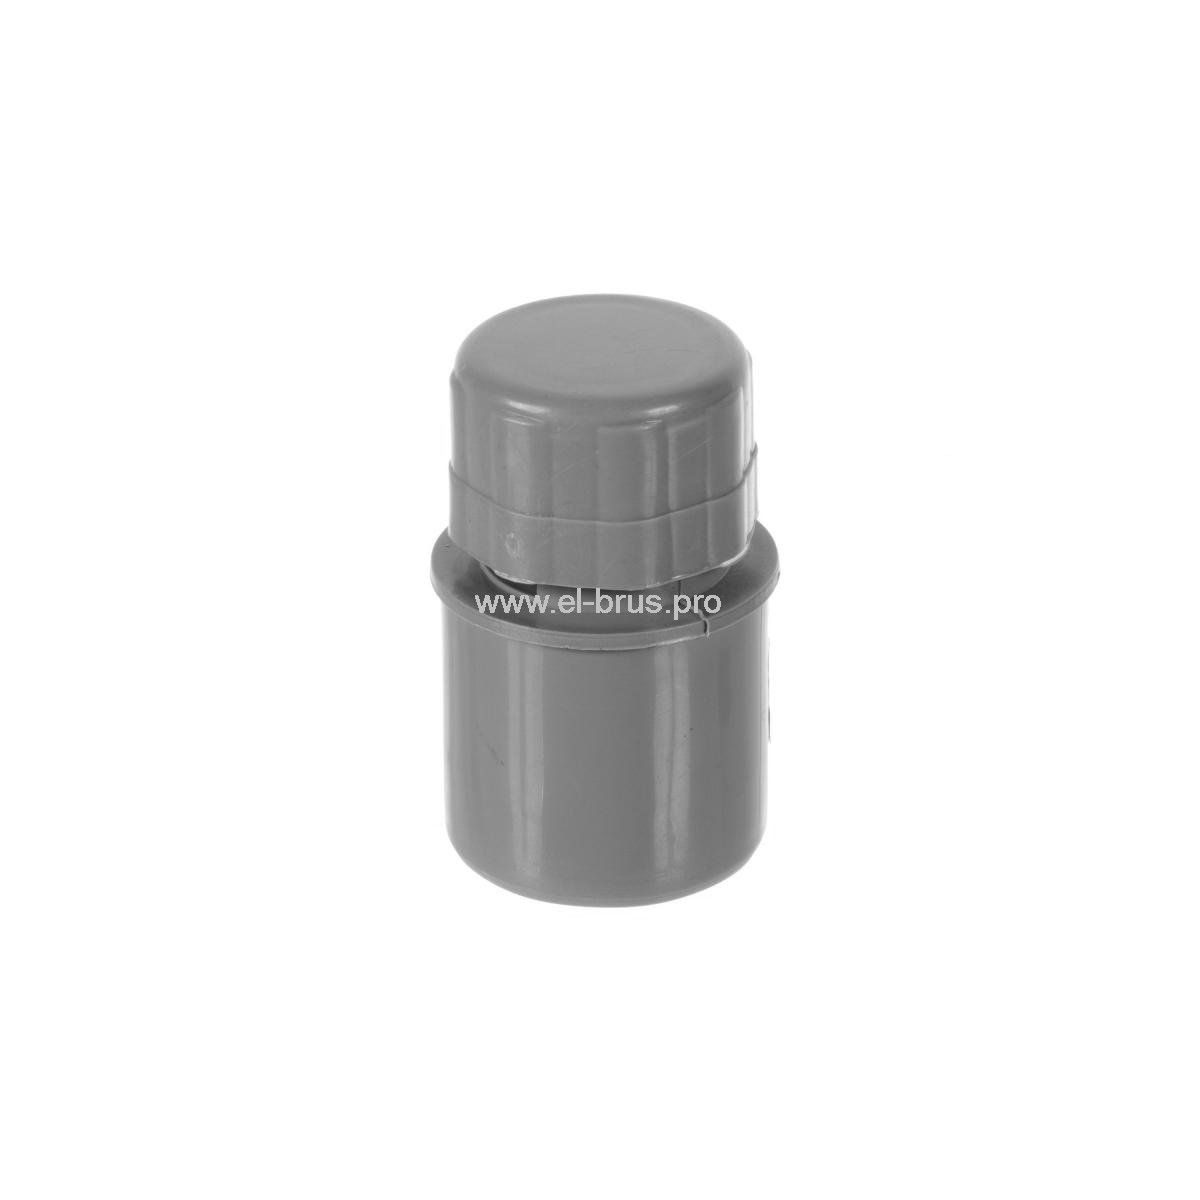 Вакуумный клапан (аэратор) ПП  Ø50мм ВК ПОЛИТЭК